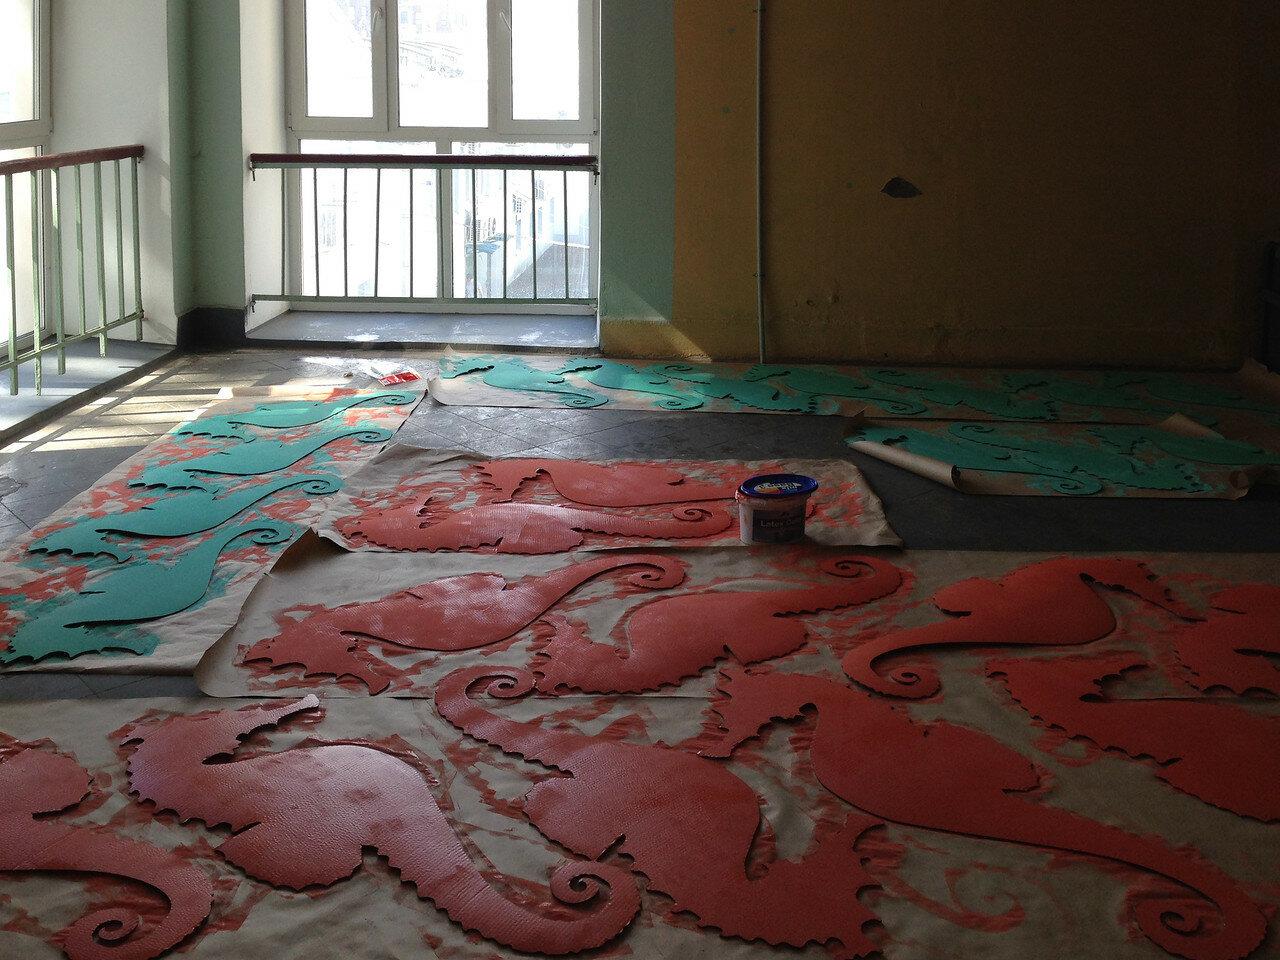 В моем доме необычно просторные подъезды, на одном этаже можно одновременно красить 32 конька, не мешая соседям.